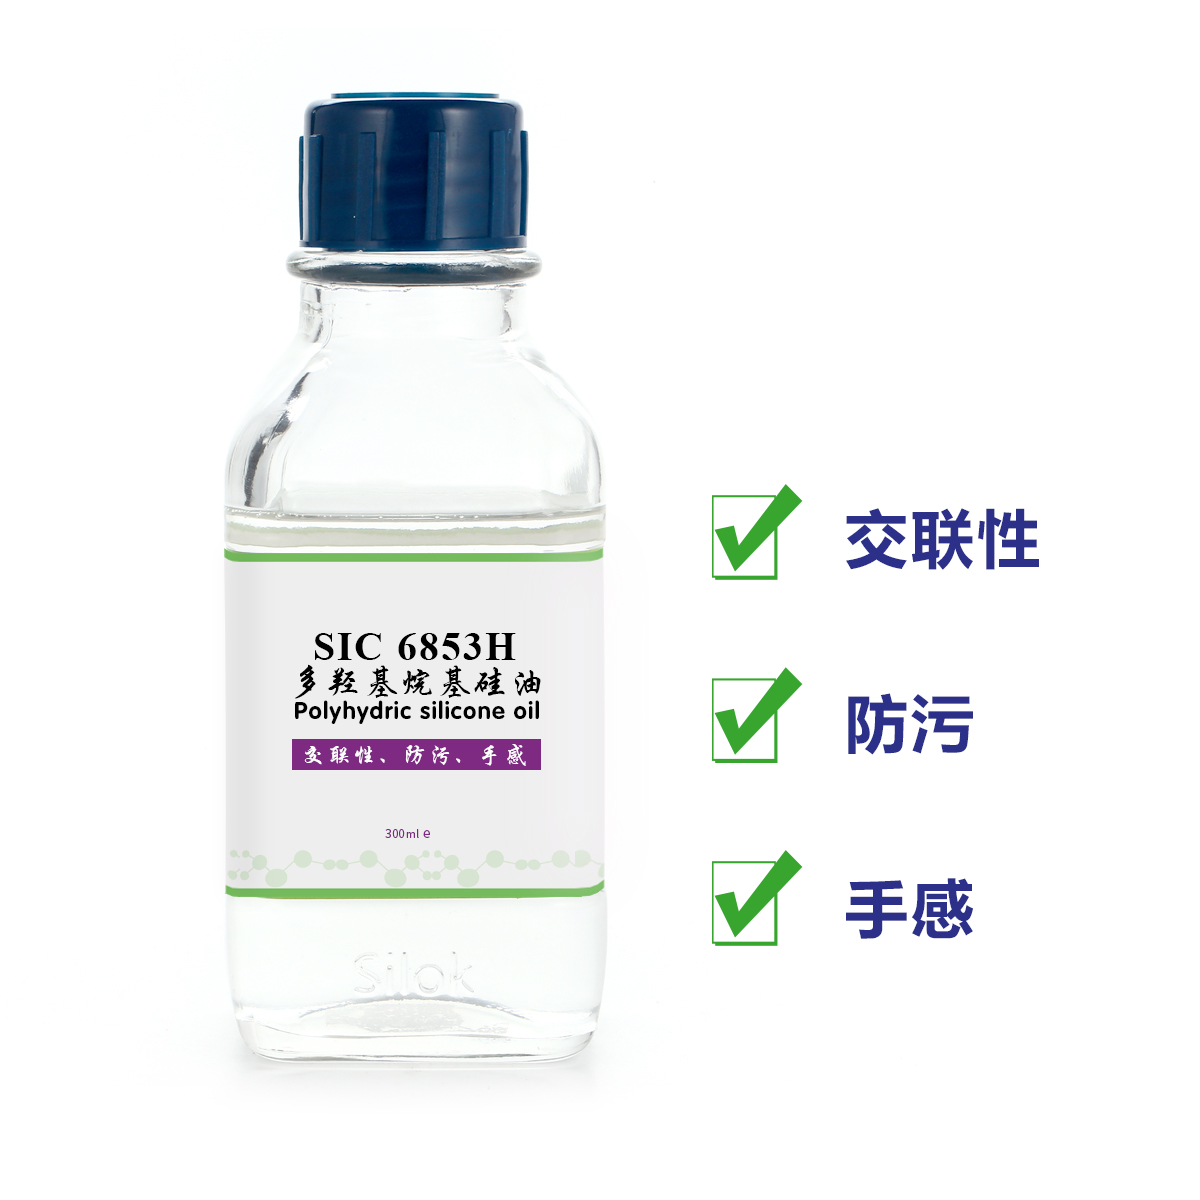 多羟基烷基硅油